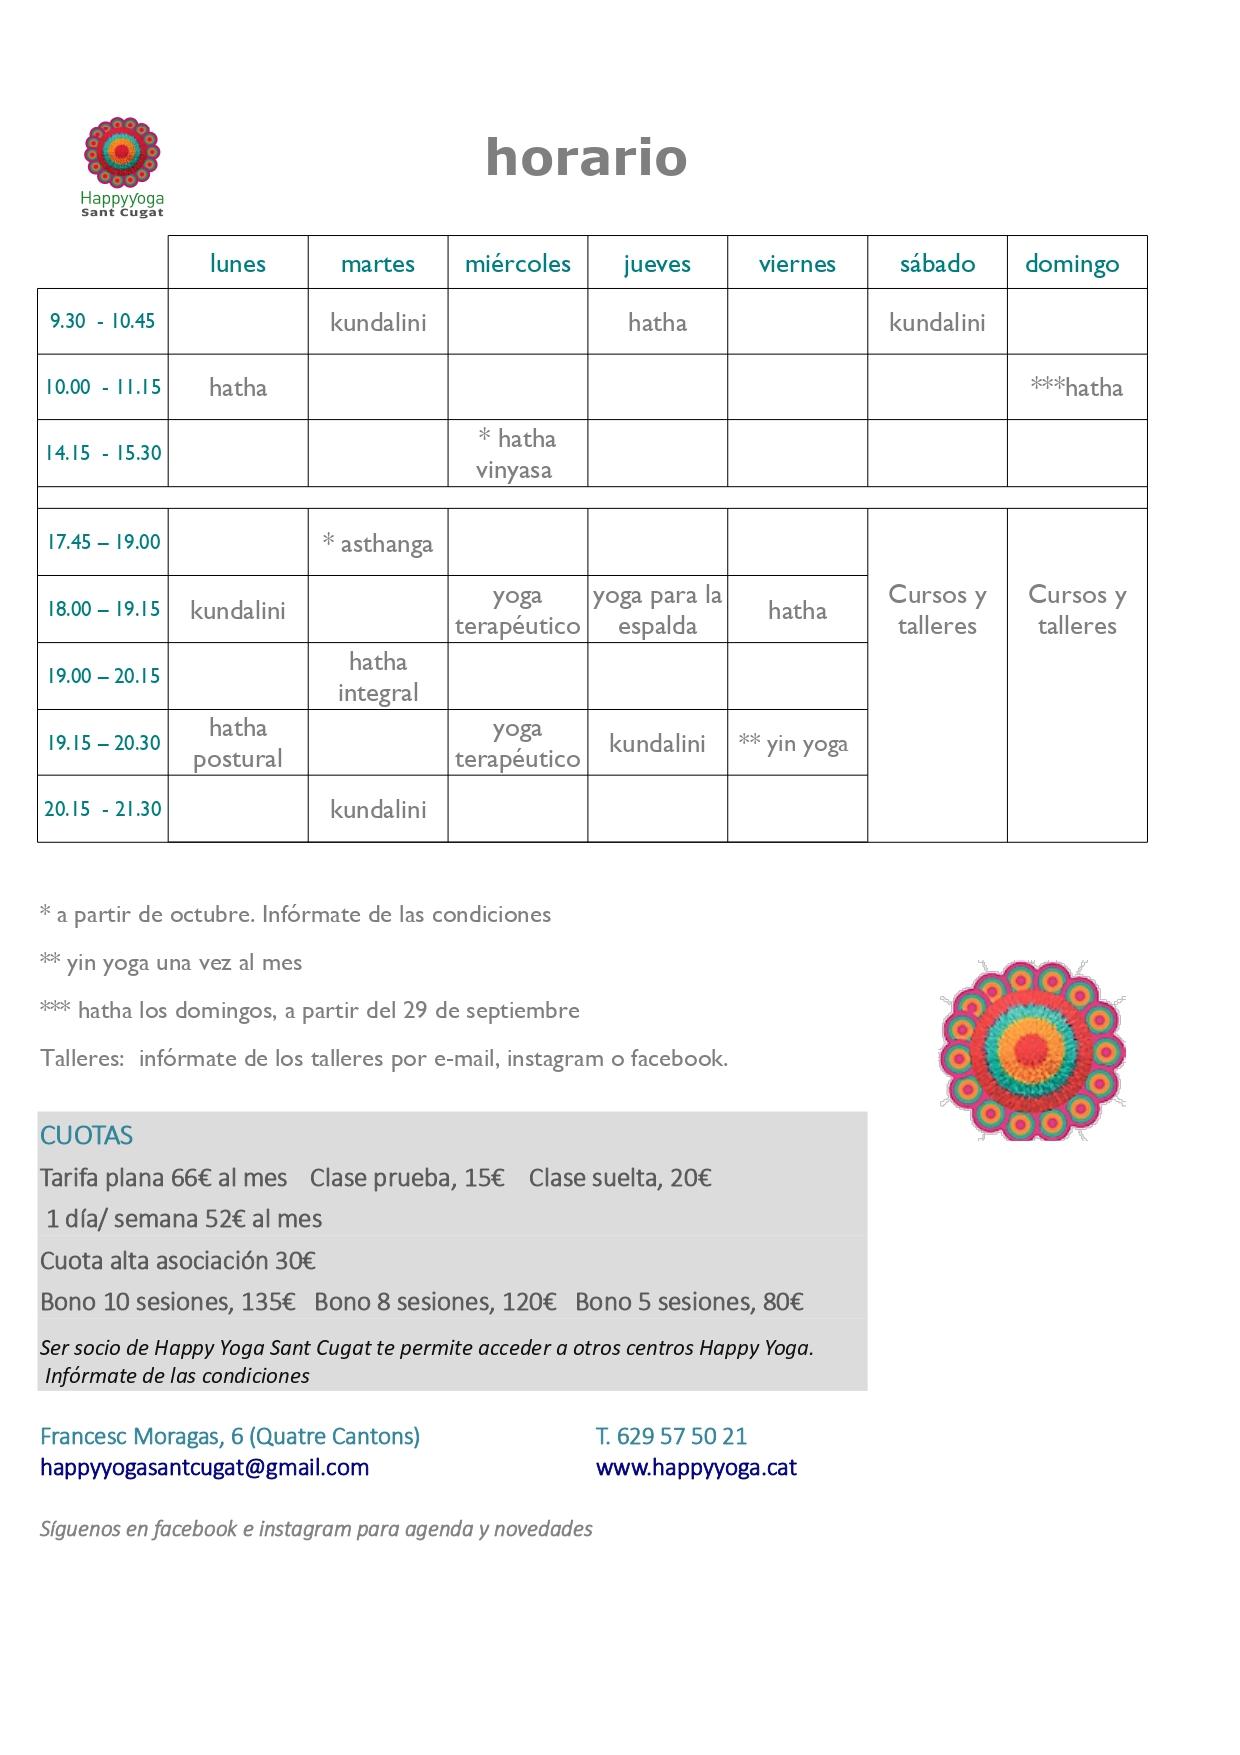 horario curso 2019 - 2020_page-0001